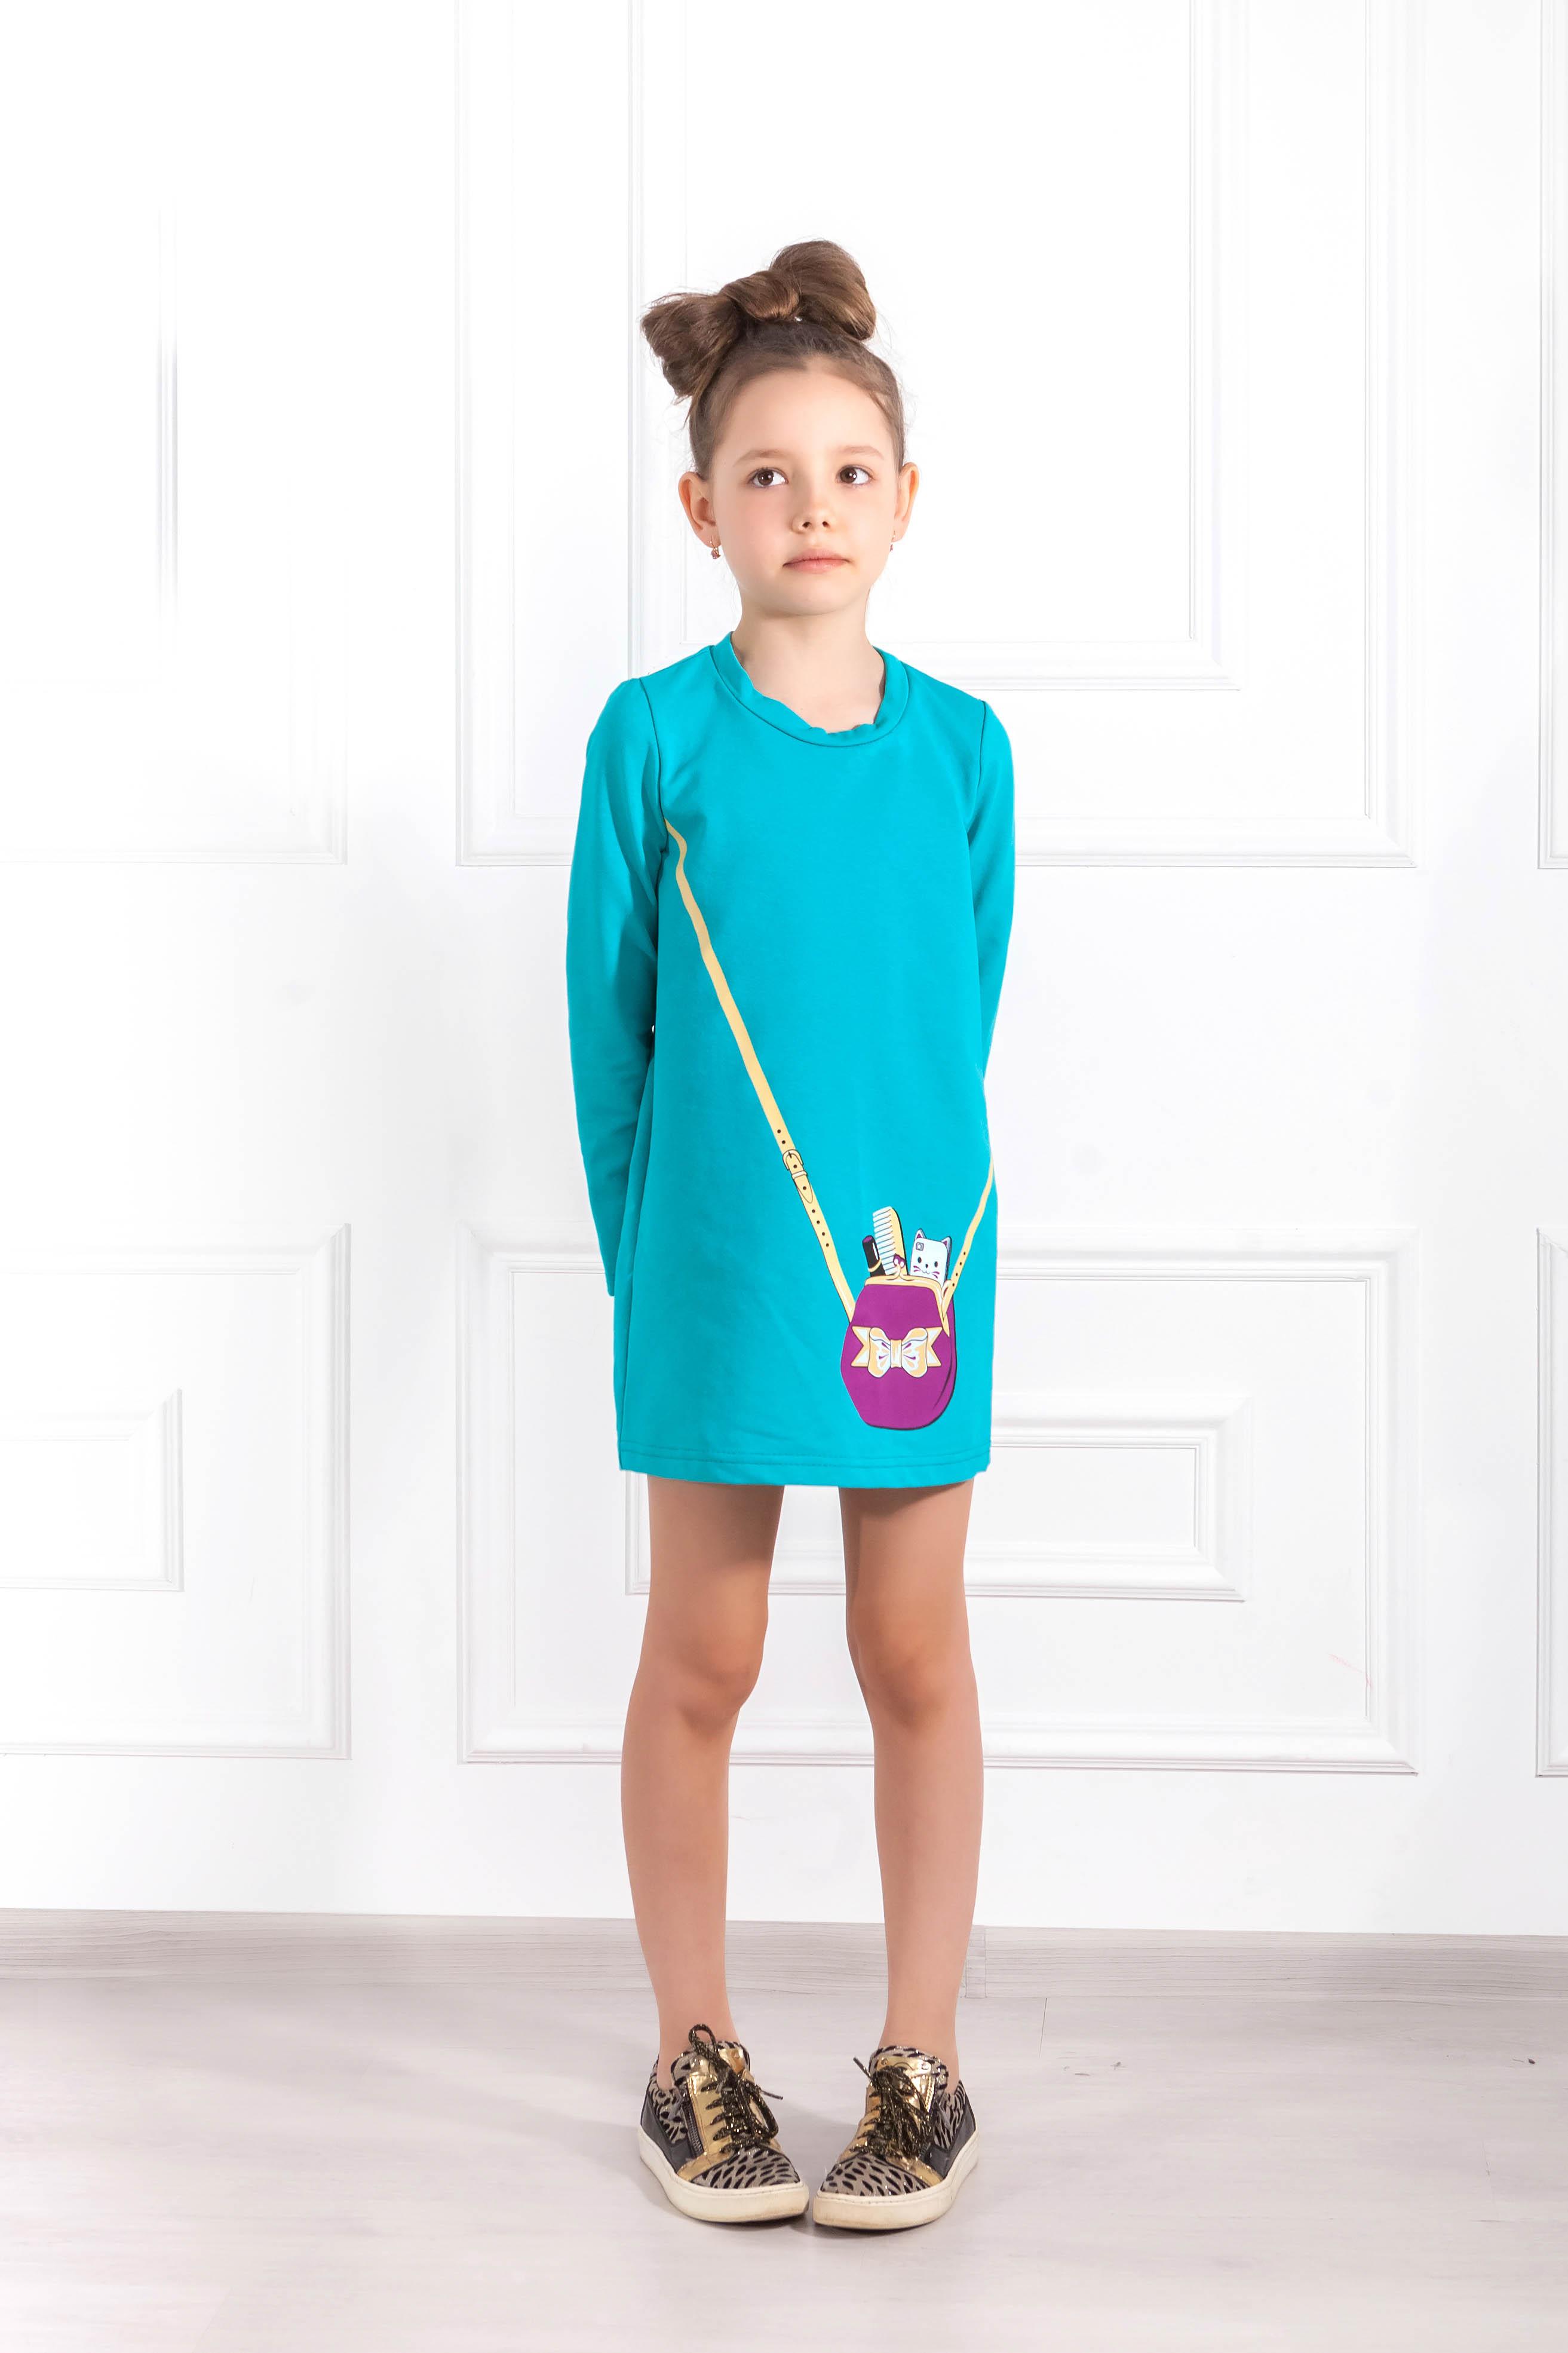 Детские туники, сарафаны Pastilla Туника Модница Цвет: Изумруд (6-7 лет) купить часы мальчику 7 лет